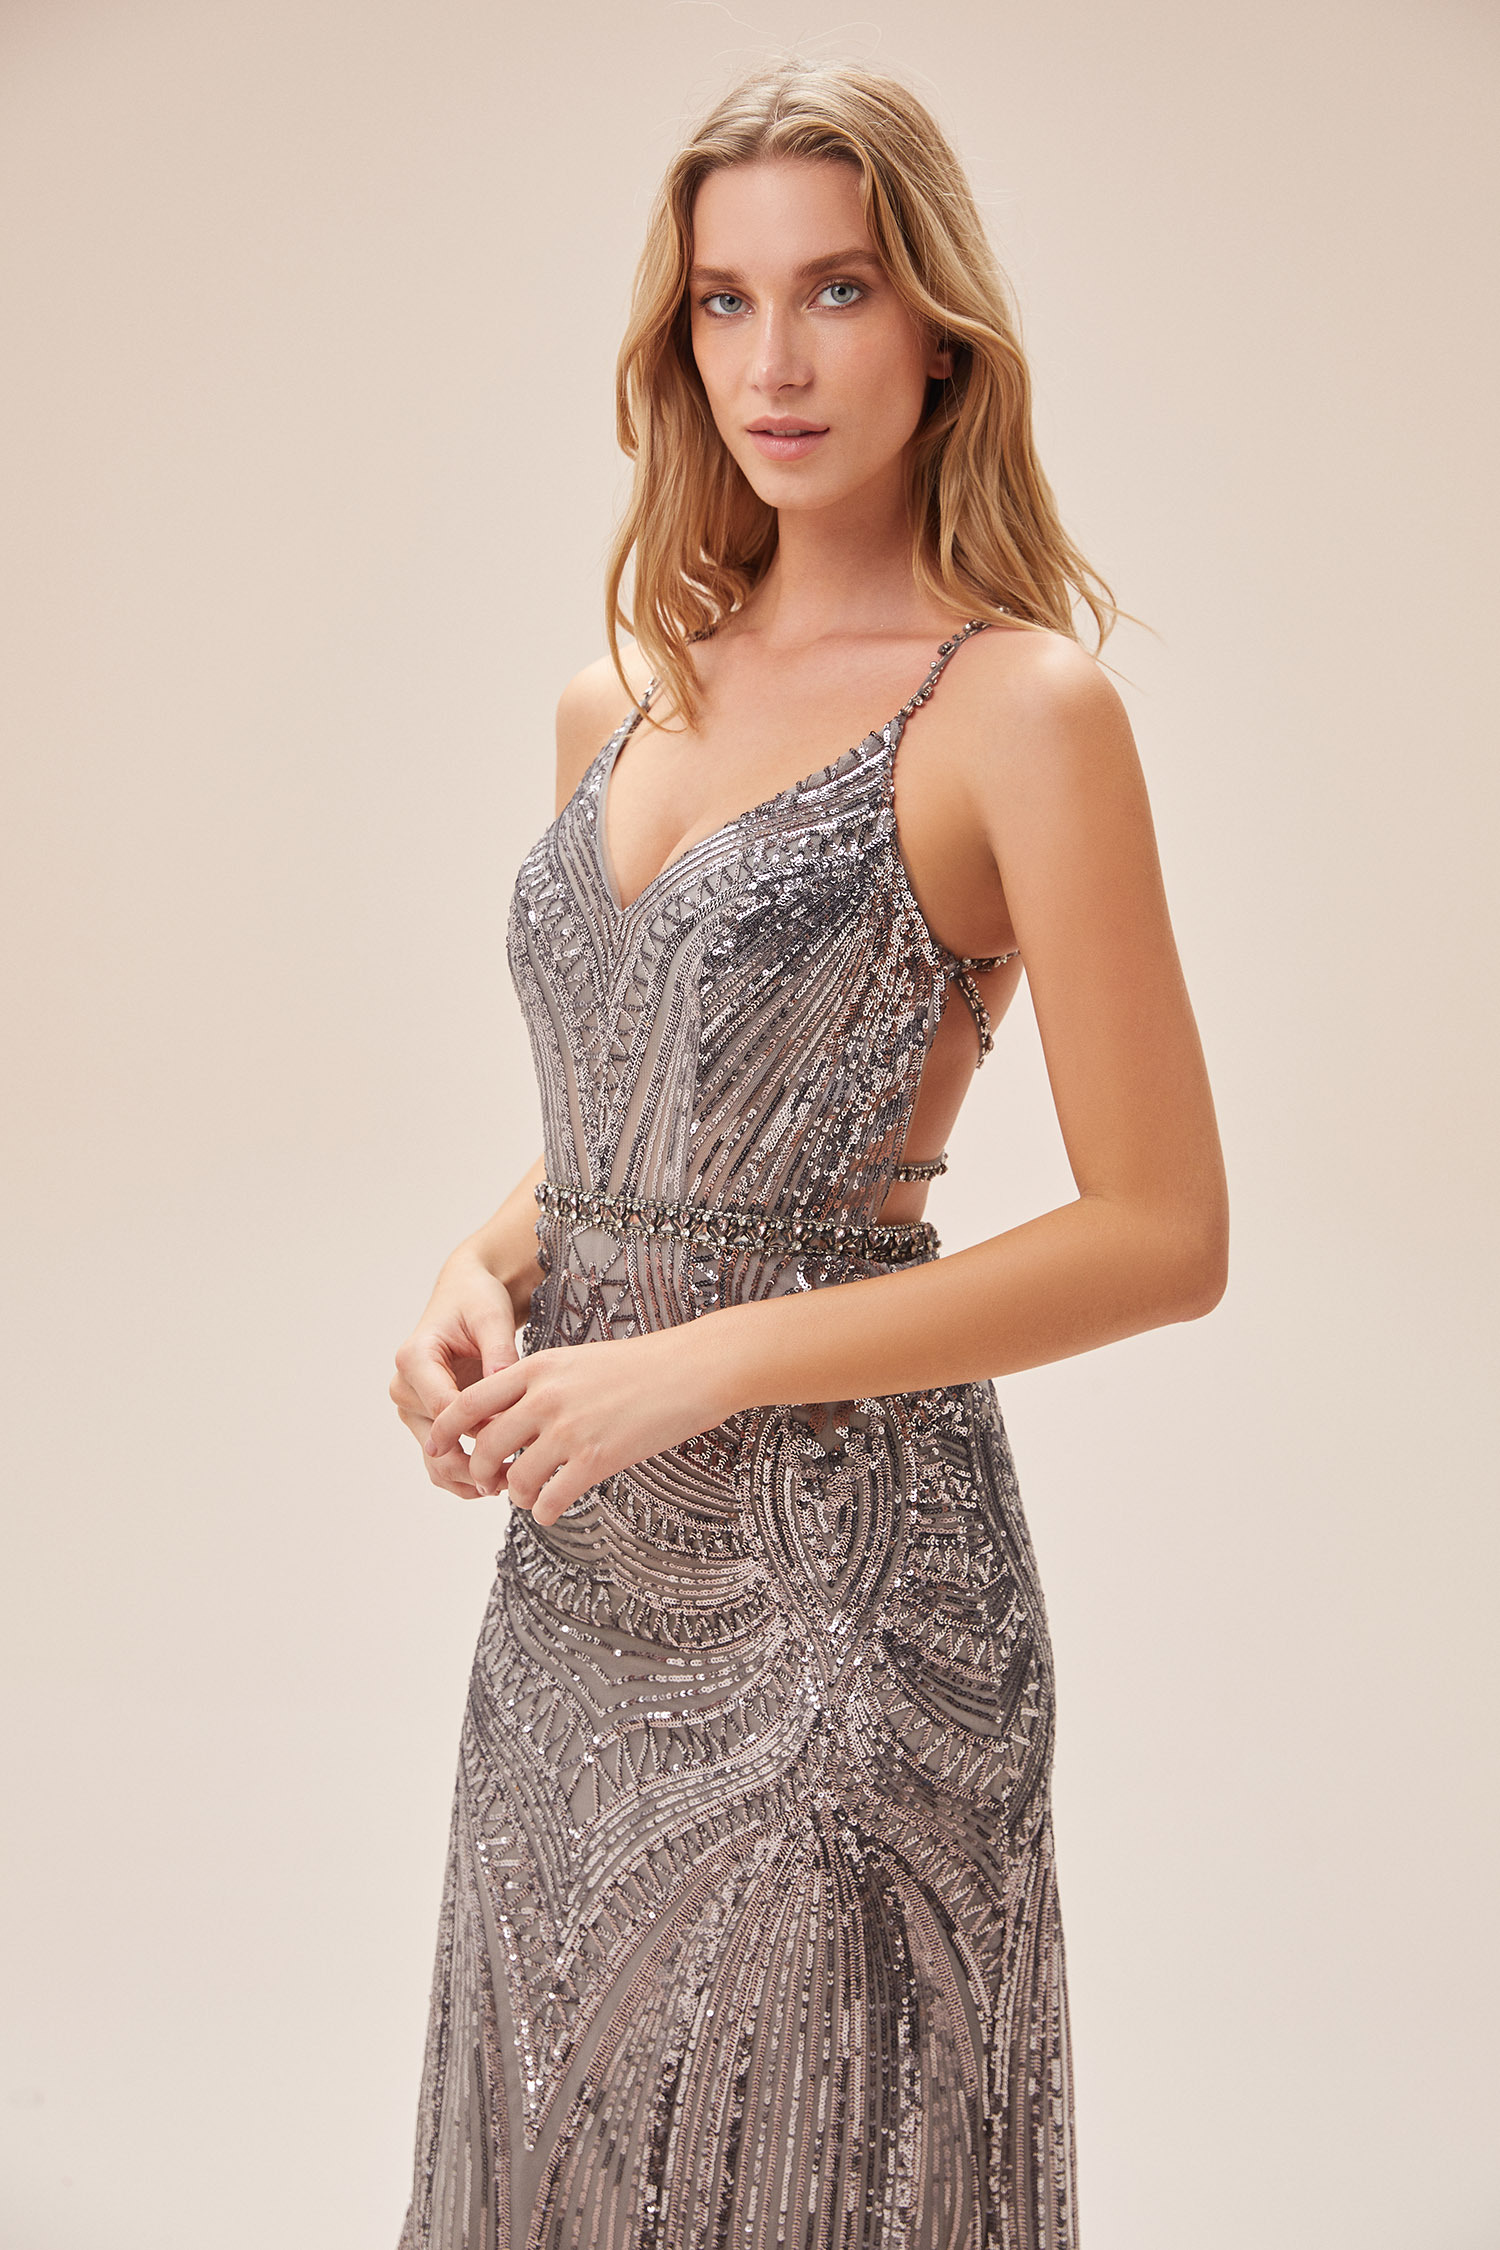 Gri Payet İşlemeli İnce Askılı Sırt Dekolteli Uzun Elbise - Thumbnail